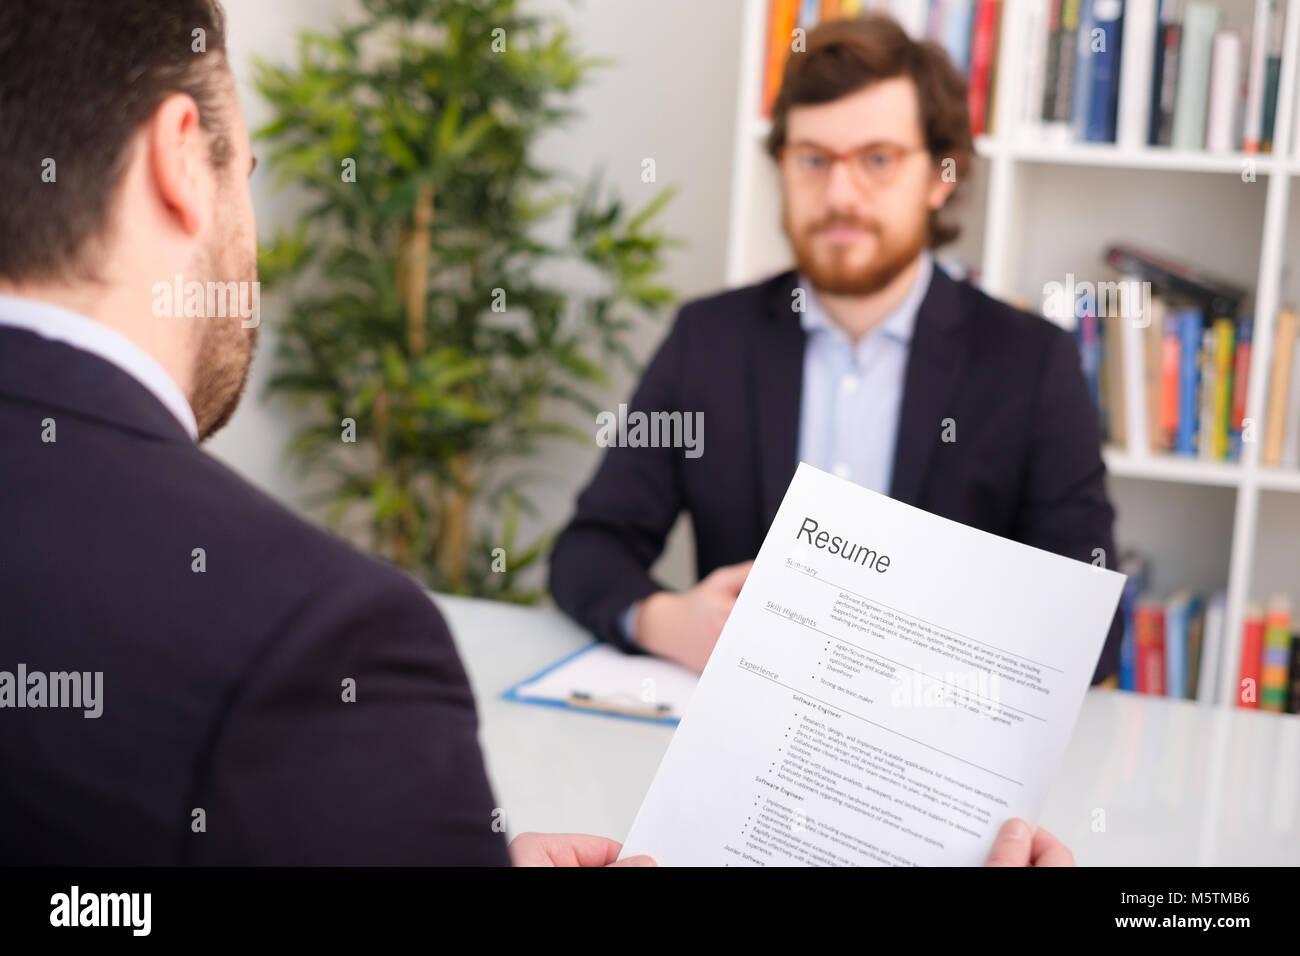 Selezionatore curriculum di lettura durante il colloquio di lavoro Immagini Stock